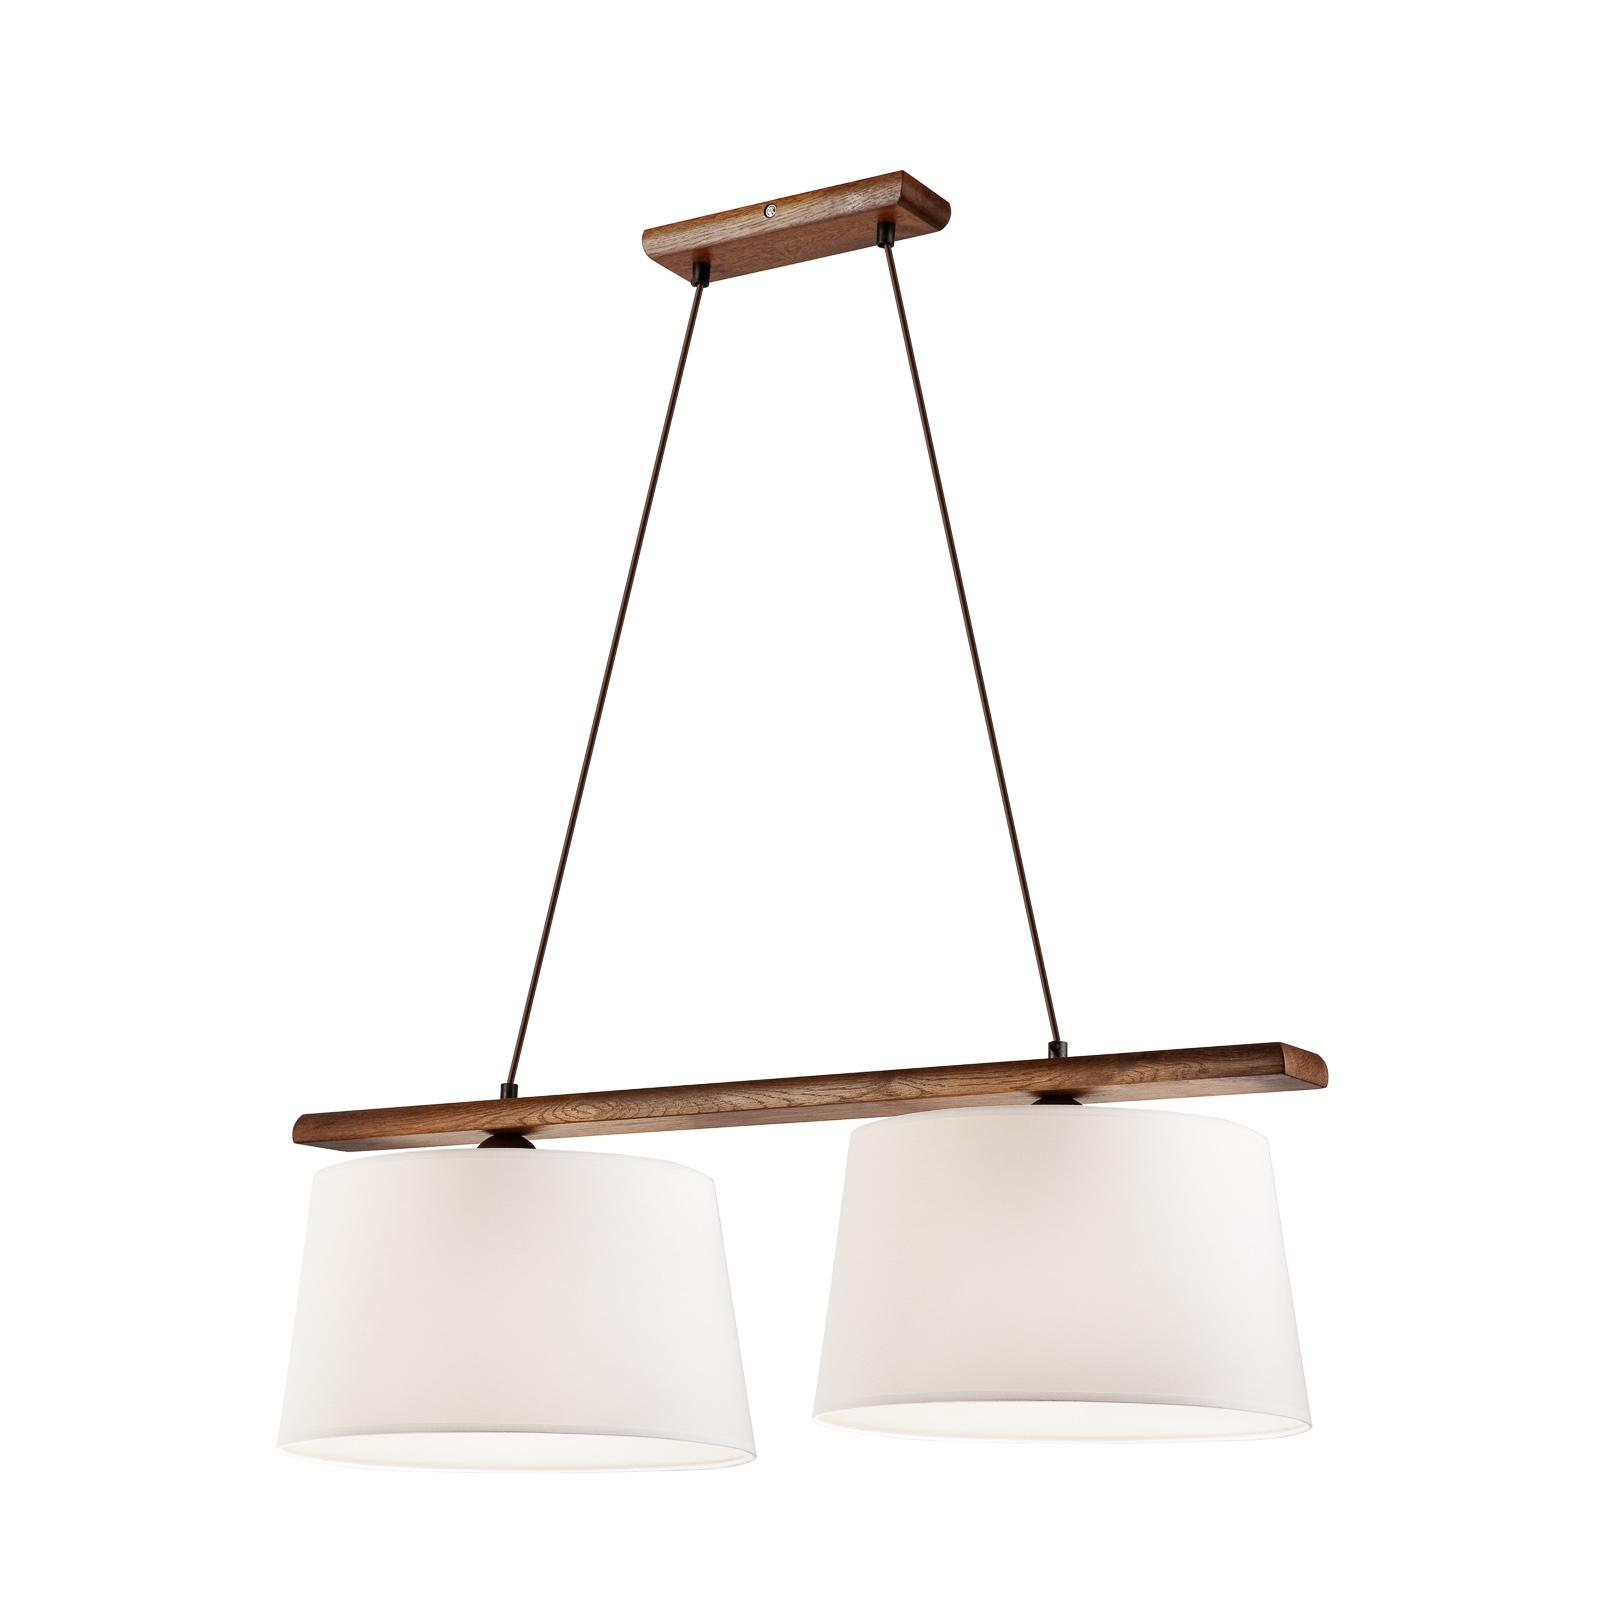 Sweden hængelampe, 2 lyskilder, nøddetræ, eg